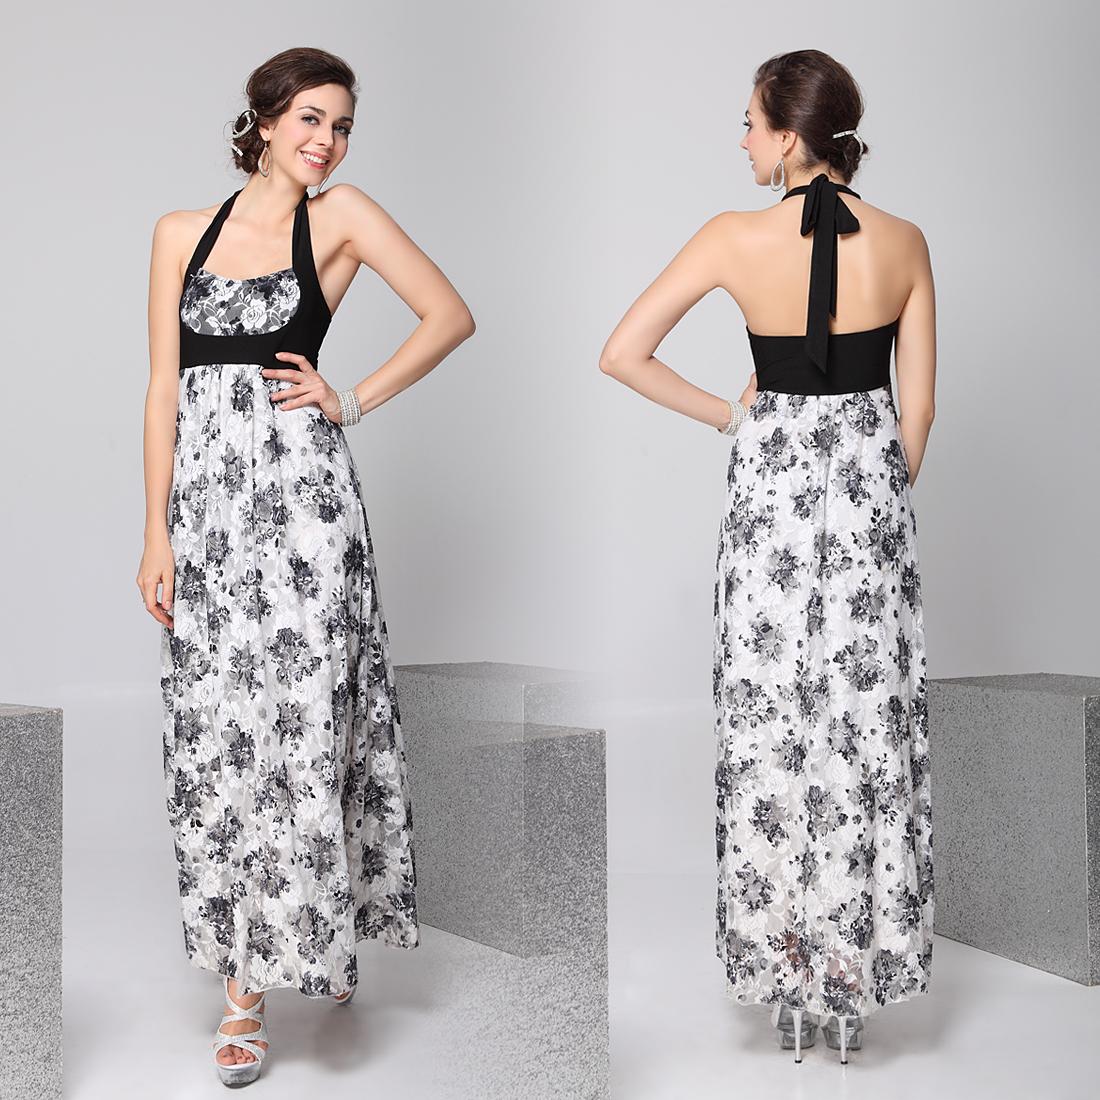 Кружевное платье с цветочным принтом - Dress4you - платья вечерние...